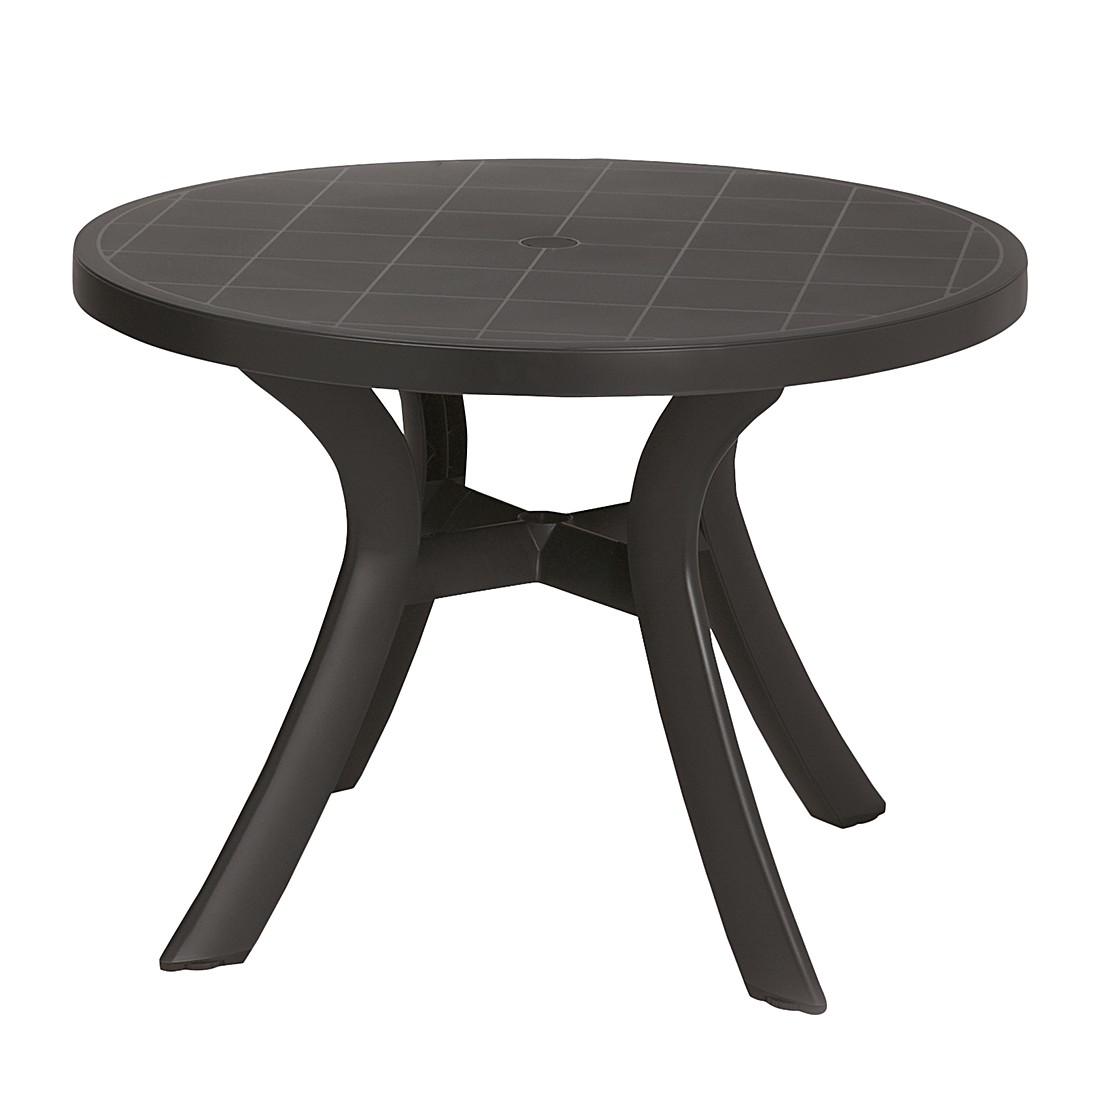 gartentisch gro gnstig beautiful gartentisch zum ausziehen cool edelstahl gartentisch niehoff. Black Bedroom Furniture Sets. Home Design Ideas